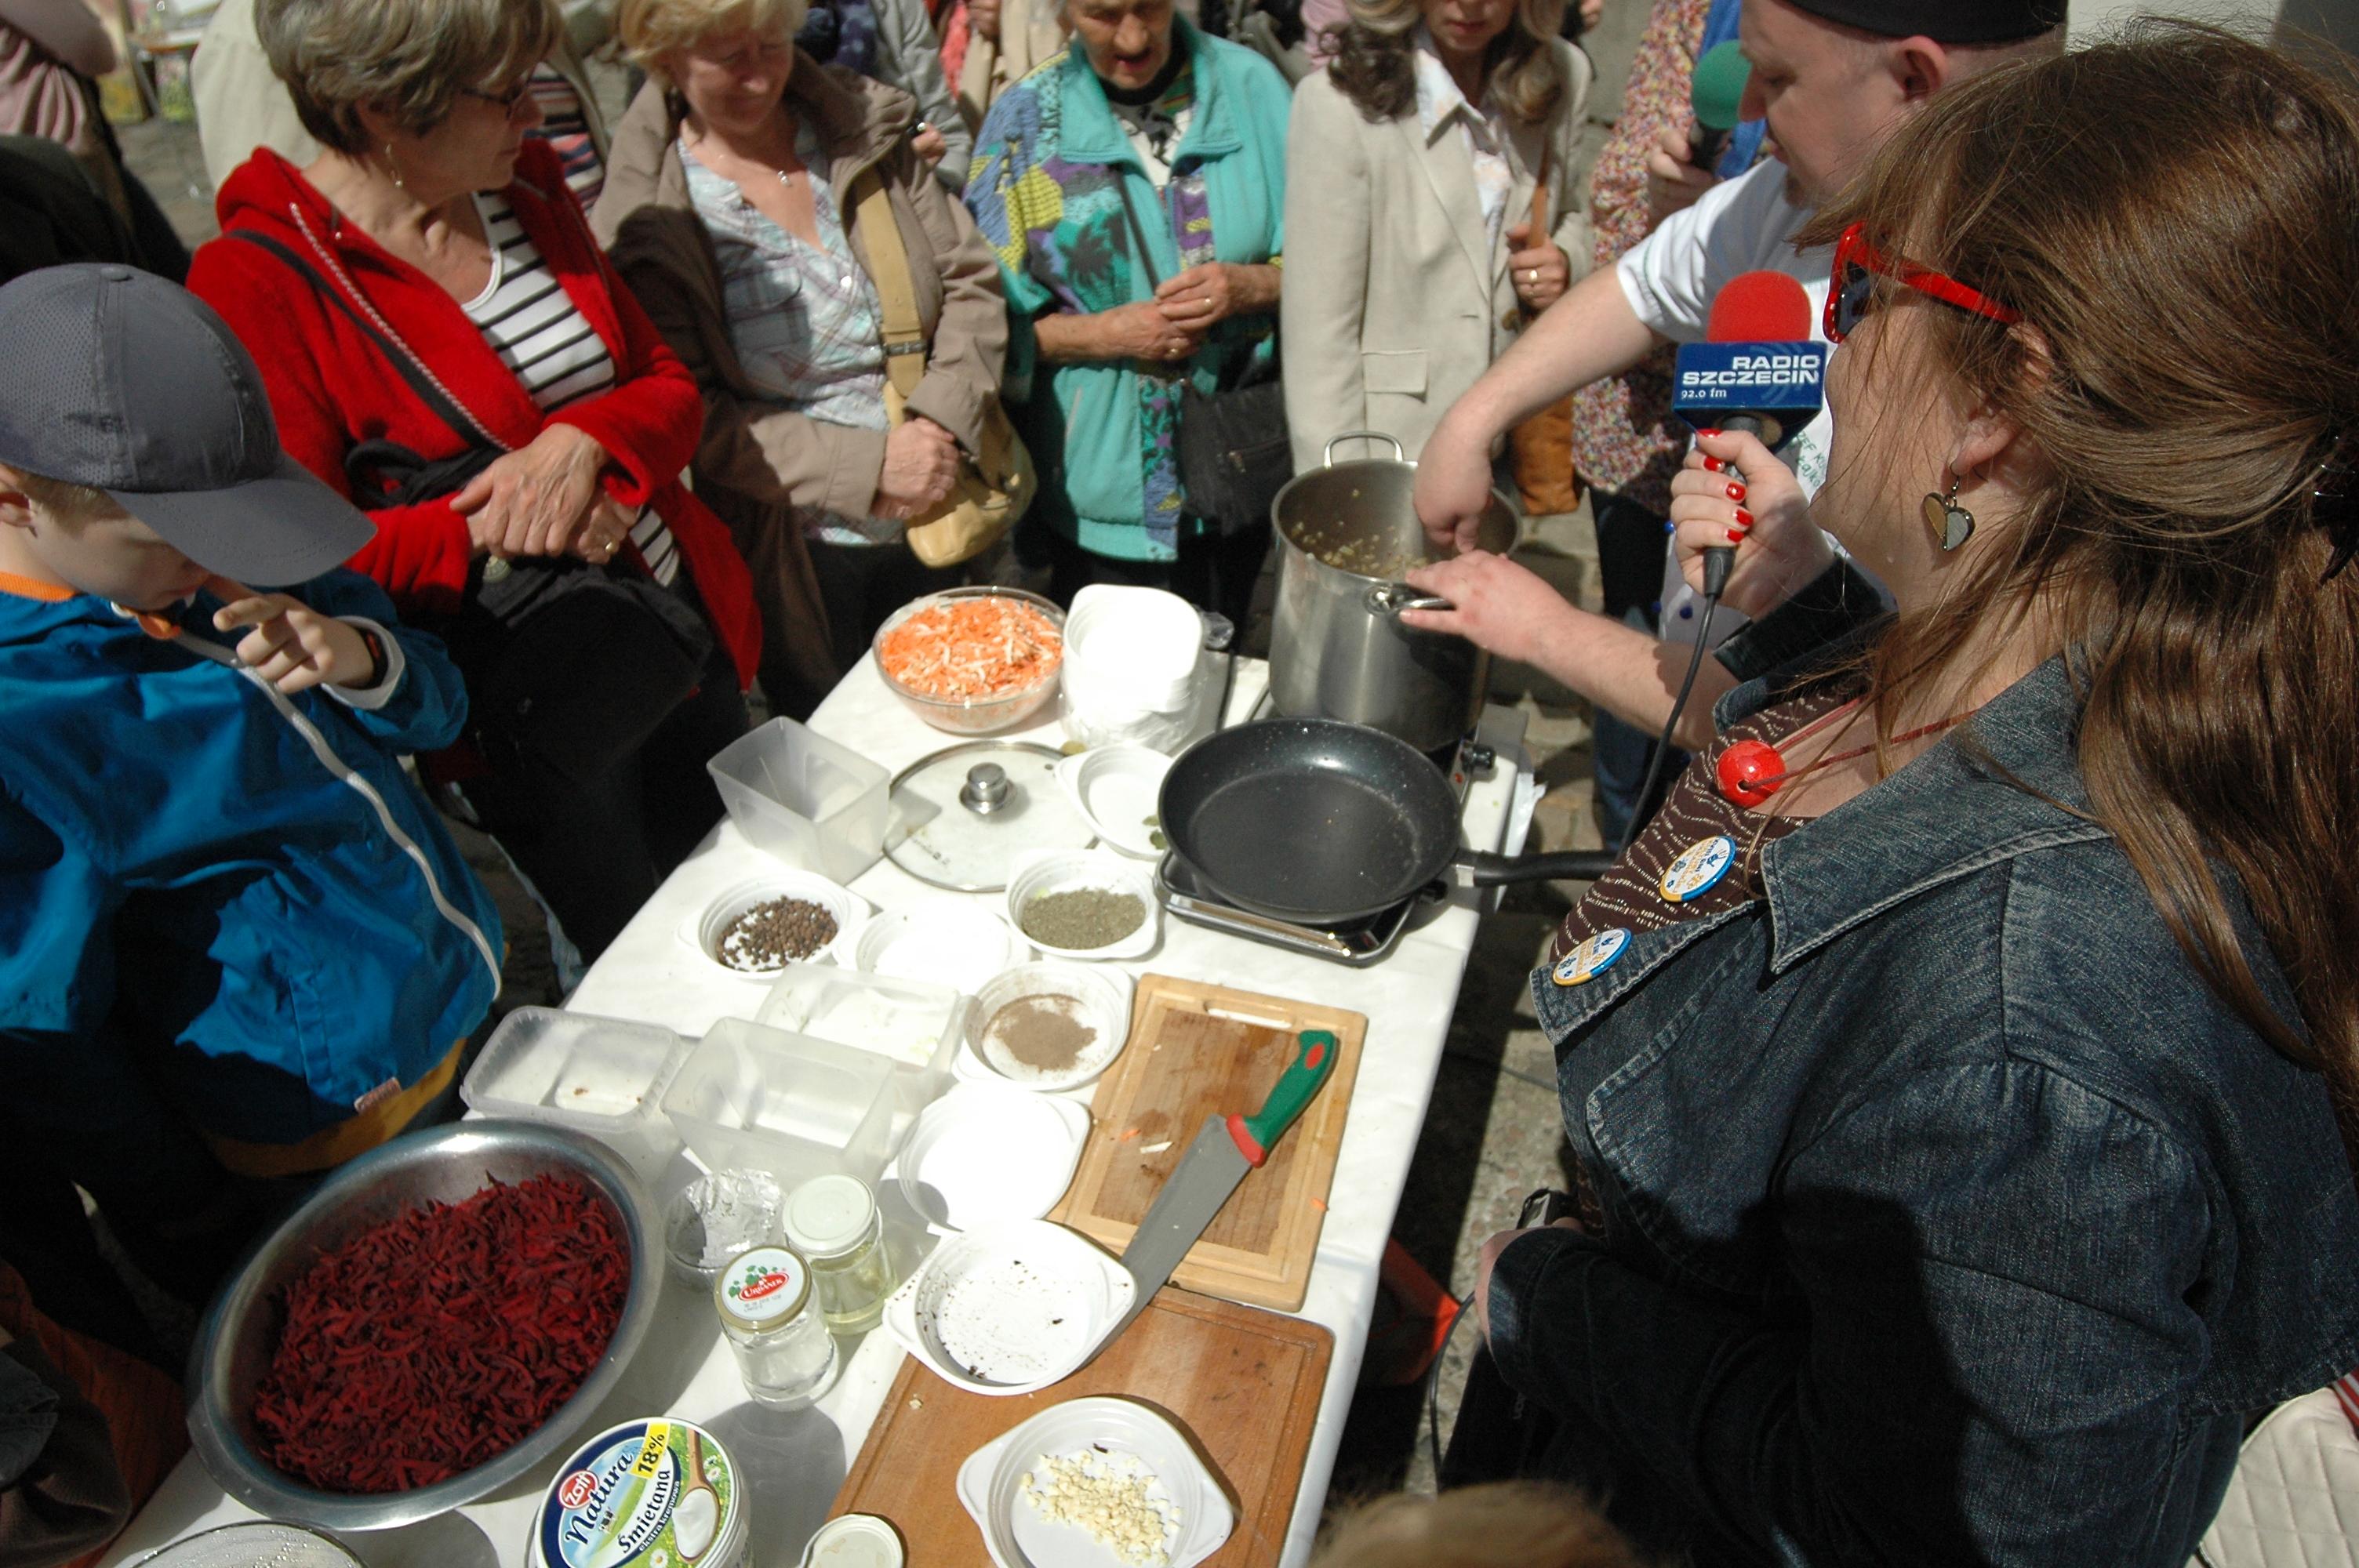 Promocja kultury ukraińskiej w Szczecinie. Śpiewają i gotują barszcz [ZDJĘCIA]